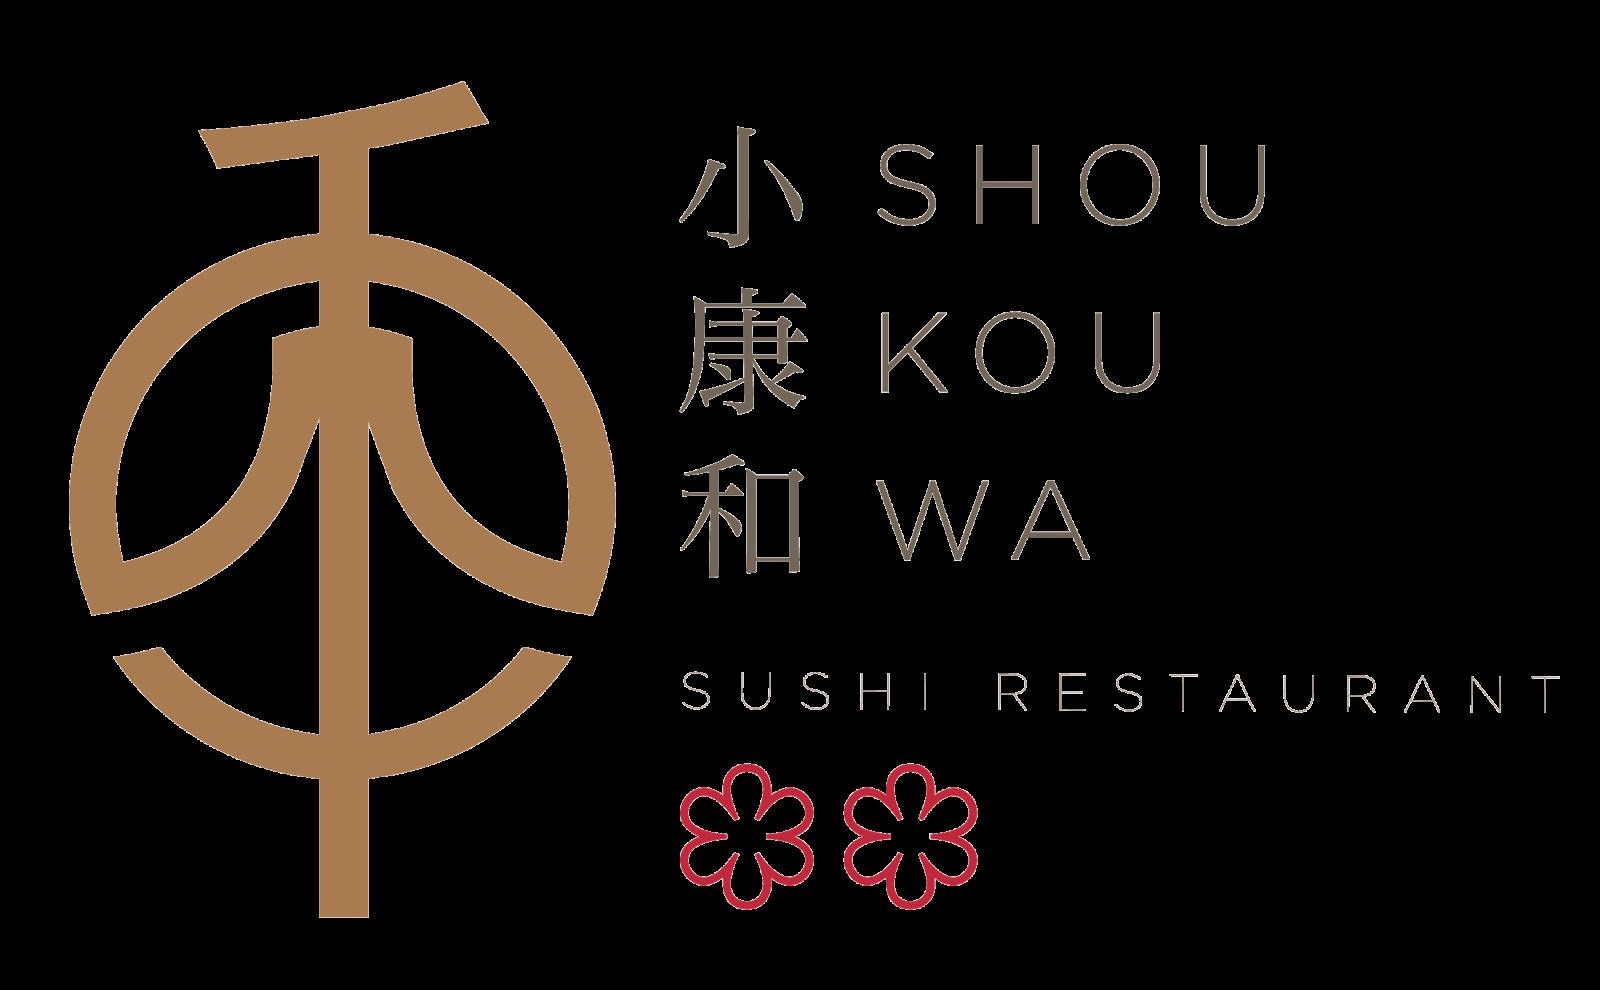 Shoukouwa logo